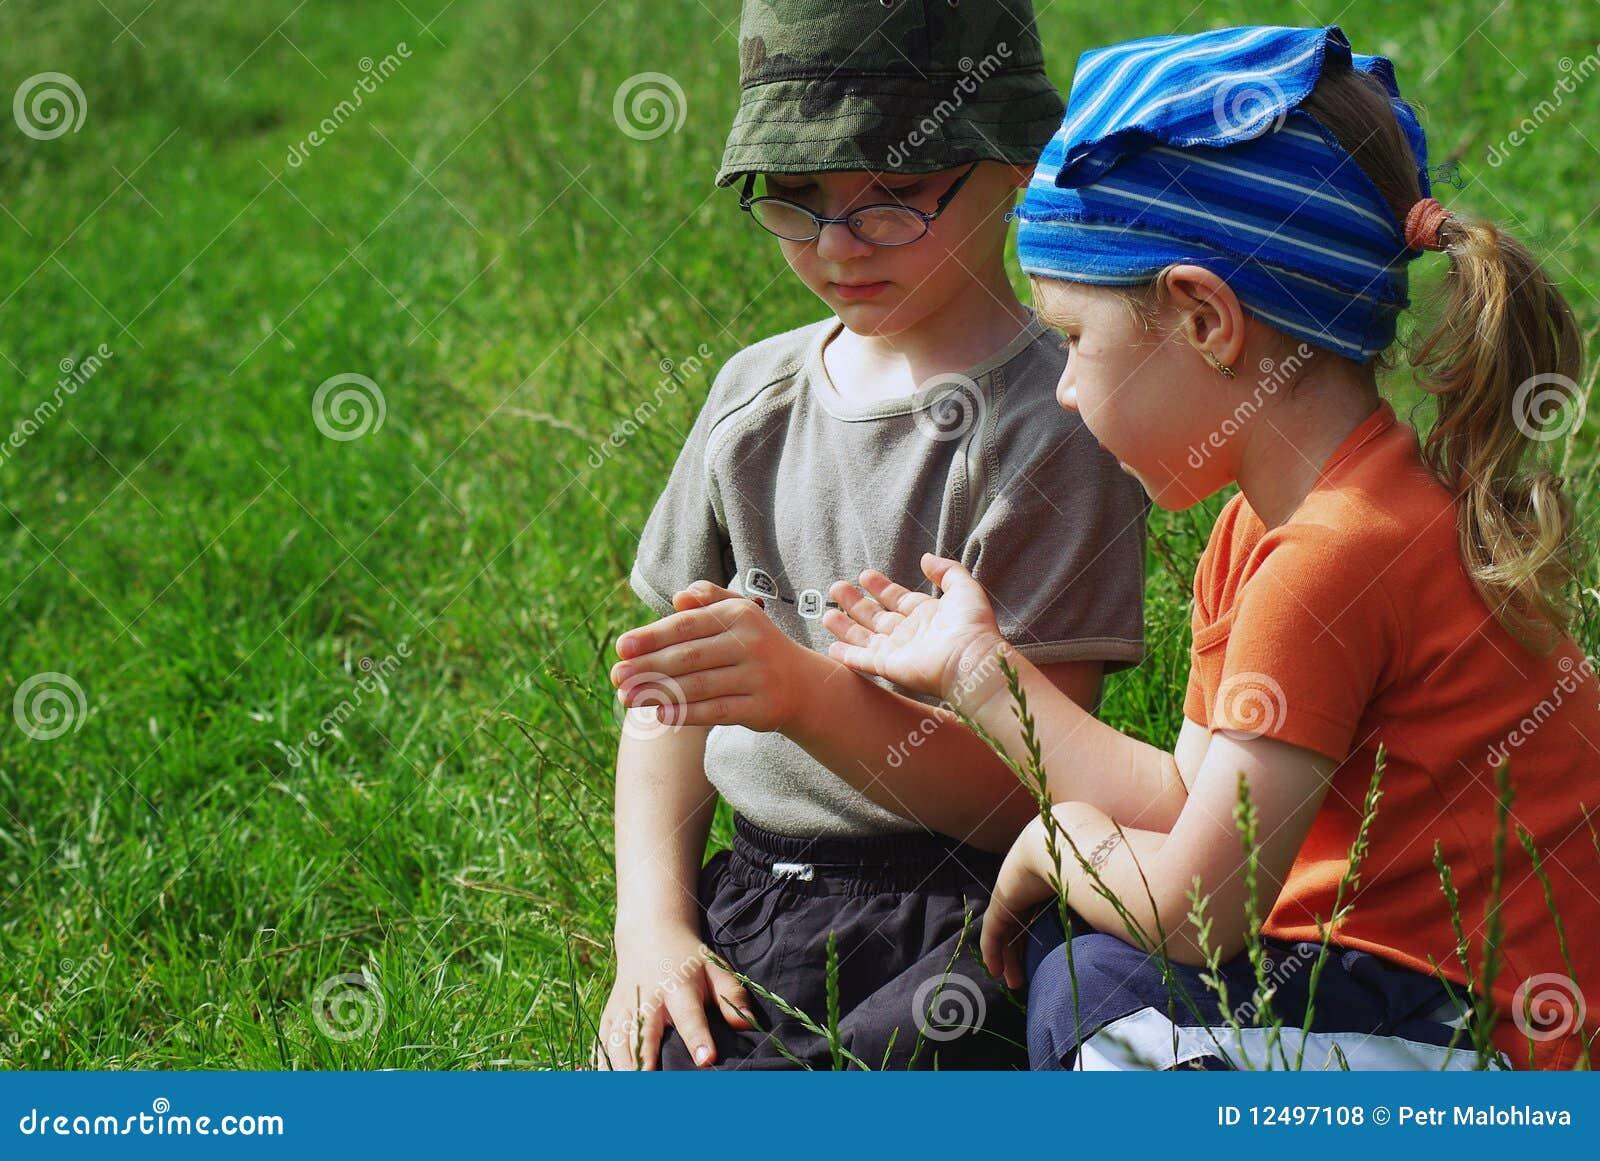 Kinderen met insect